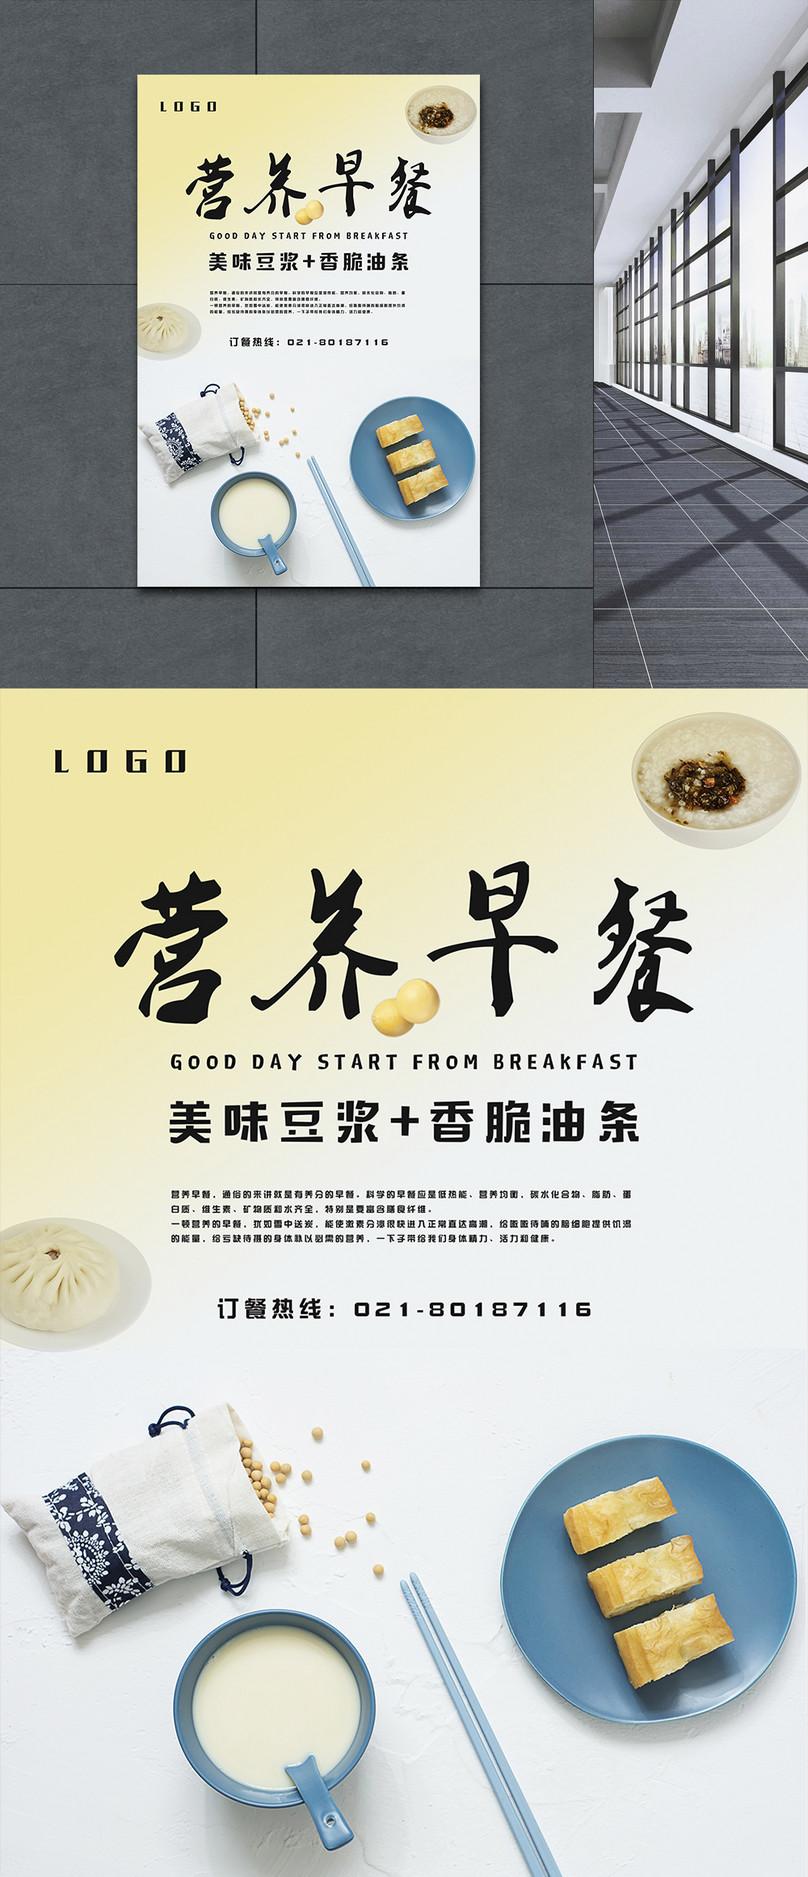 Plakat śniadanie Zdrowe Odżywianie Darmowe Obrazprf Obrazek Numer